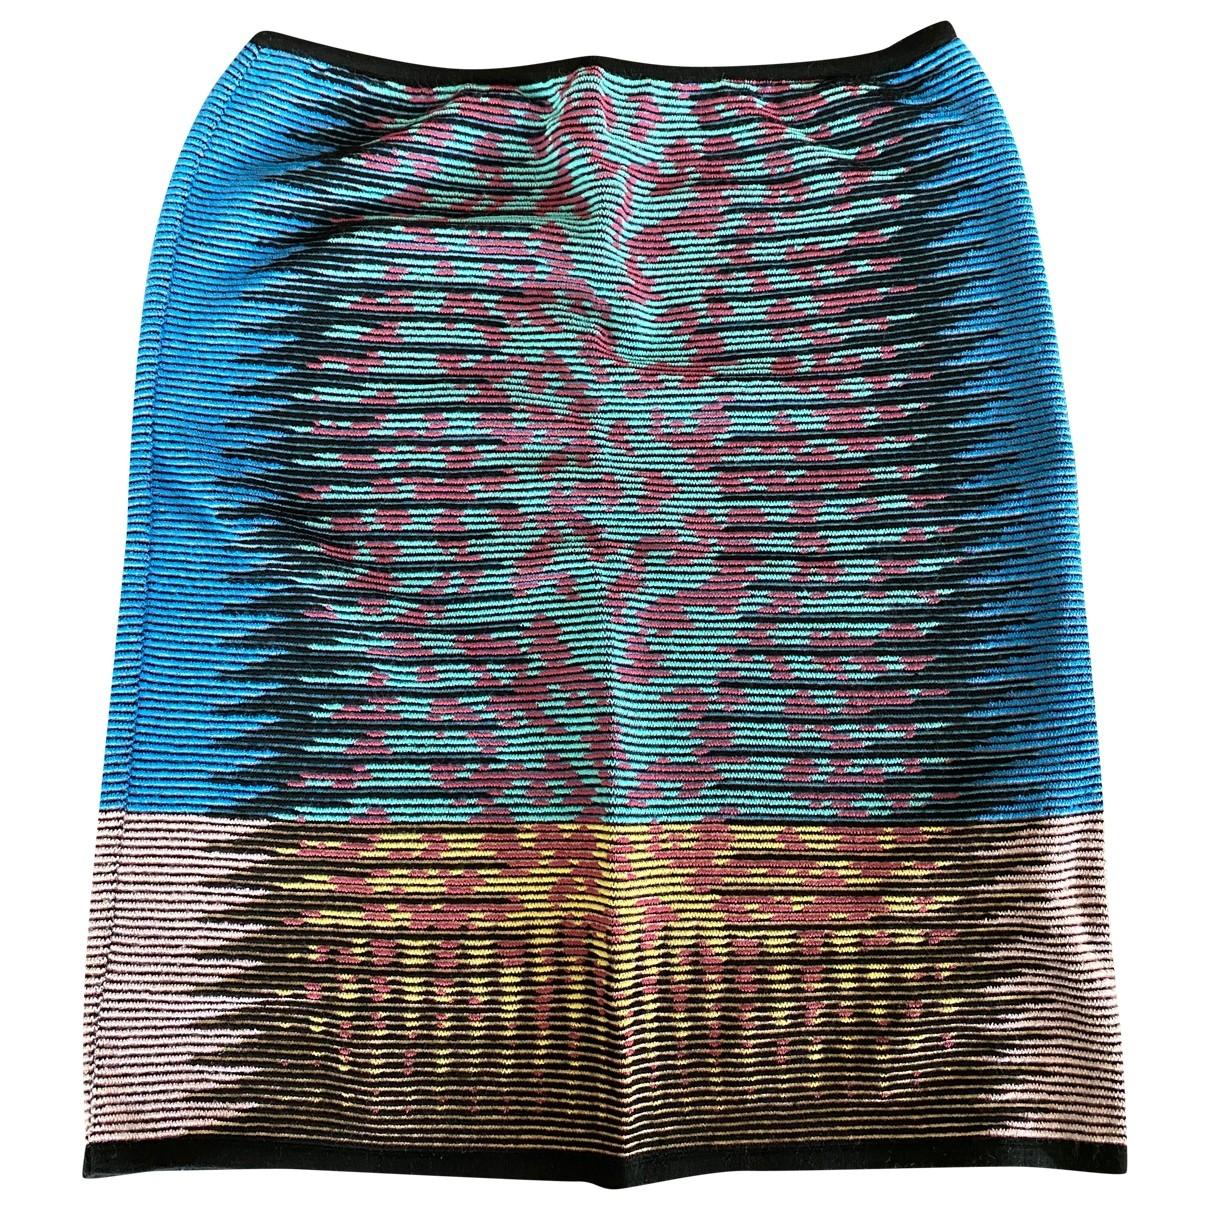 M Missoni \N Multicolour skirt for Women 40 IT